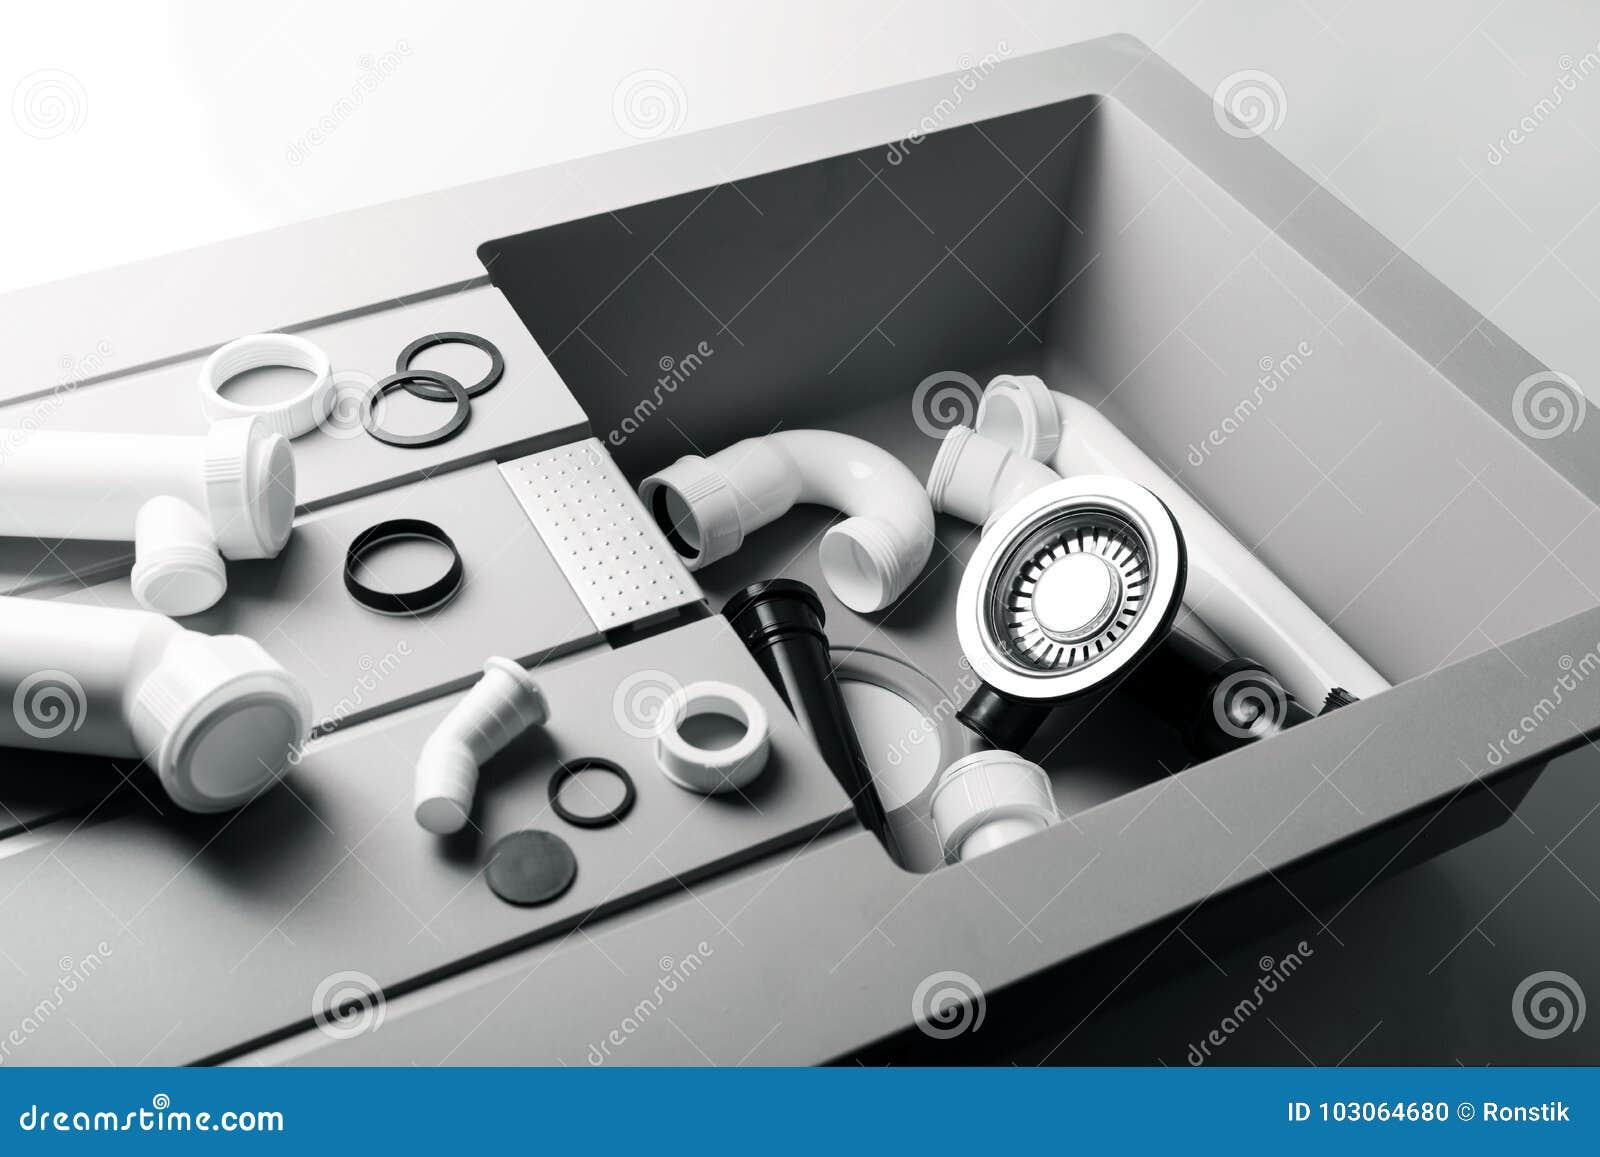 Новая кухонная раковина с штуцерами трубопровода